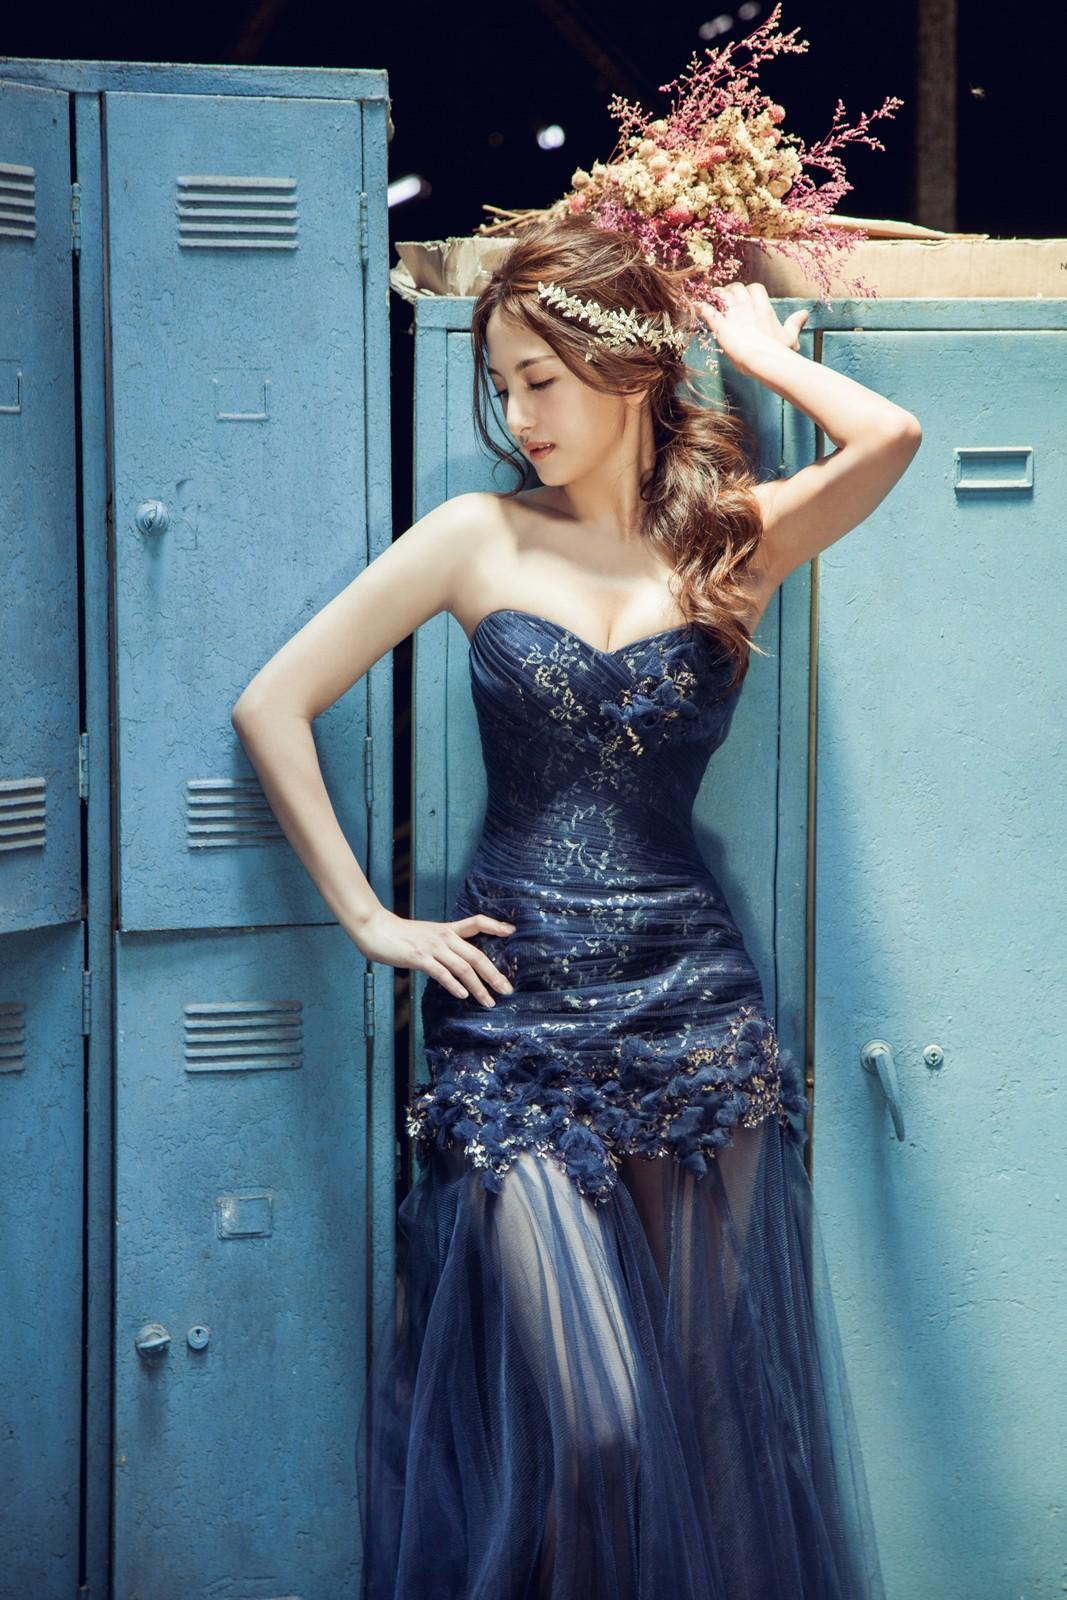 自助婚紗,自主婚紗推薦,台南 自助婚紗,tn4